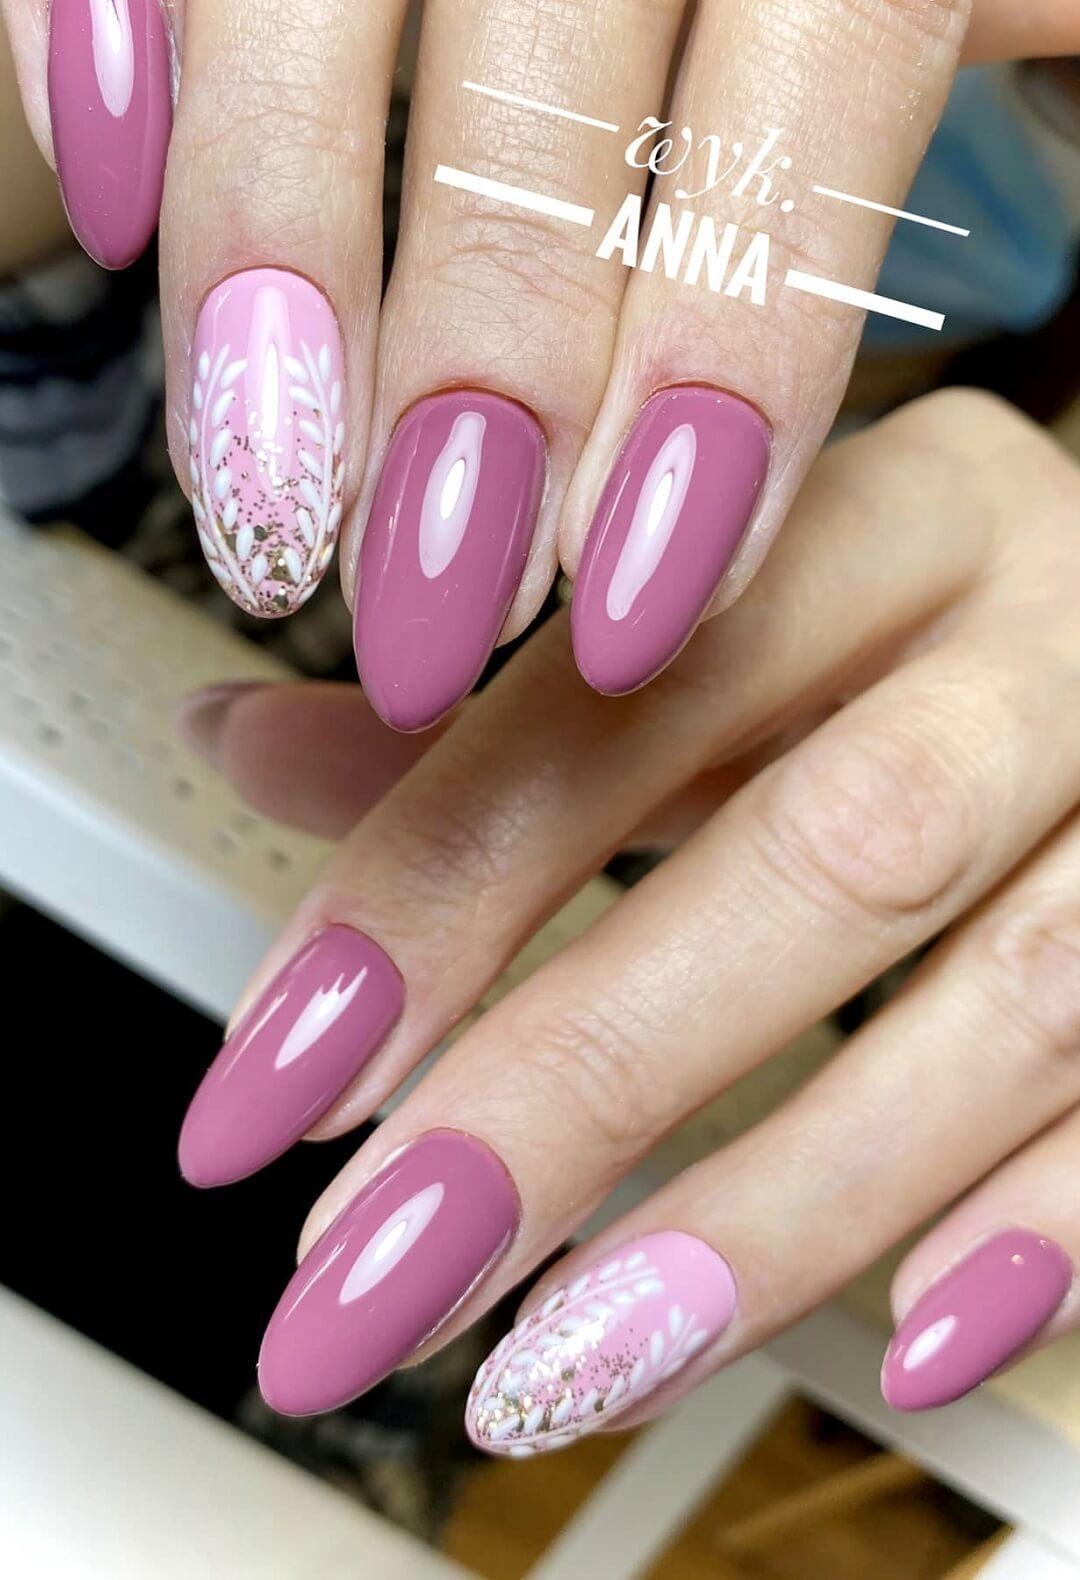 Manicure warszawa paznokcie w kolorze różowym z dodatkiem srebrnego brokatu